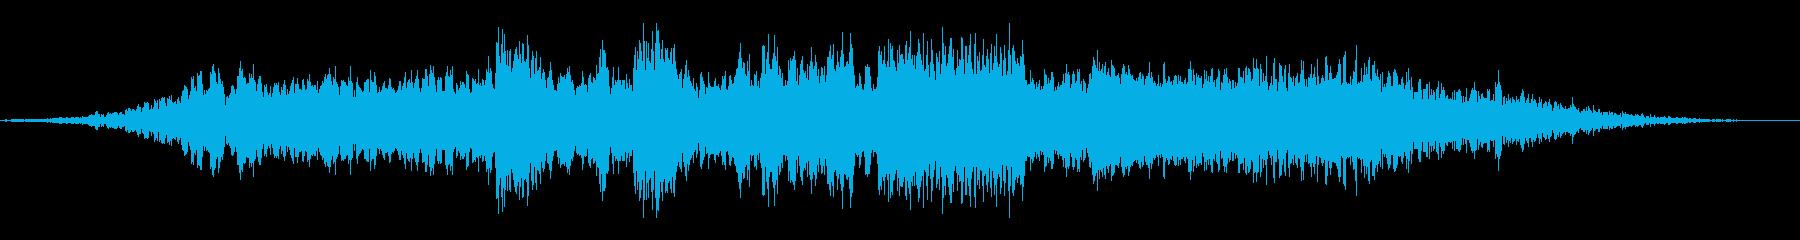 スペースファイター:武器の射撃、エ...の再生済みの波形